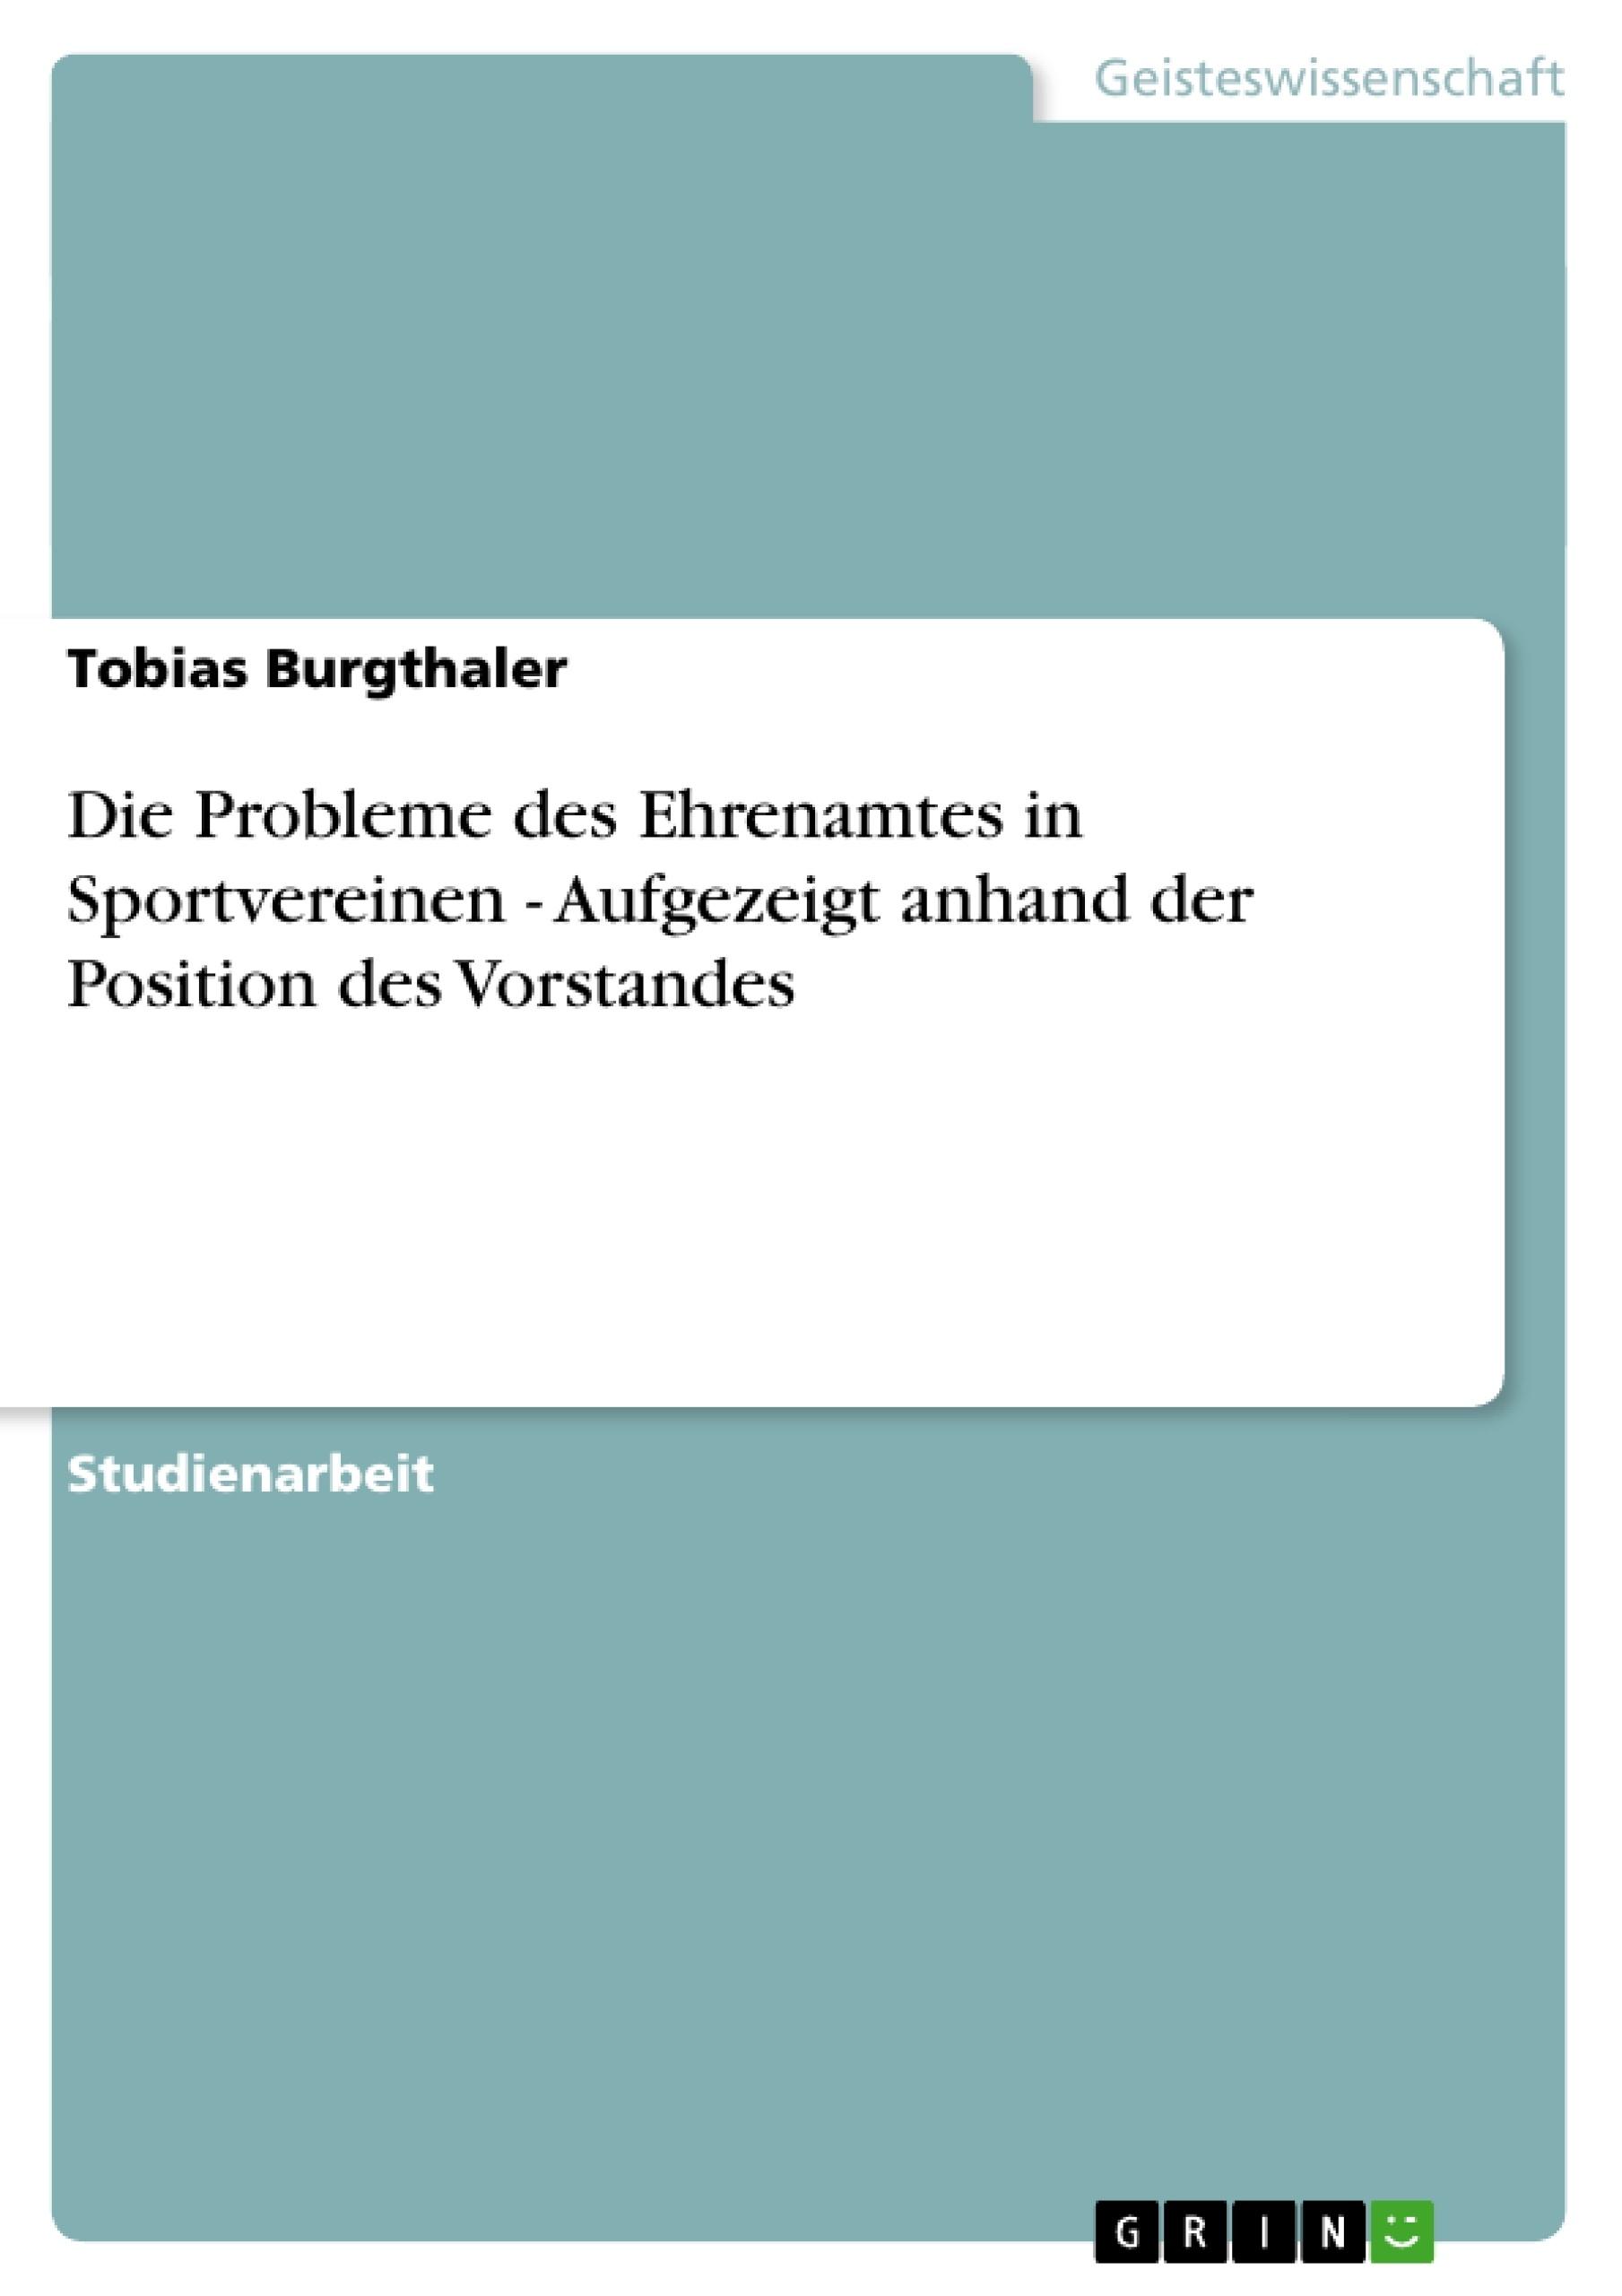 Titel: Die Probleme des Ehrenamtes in Sportvereinen - Aufgezeigt anhand der Position des Vorstandes